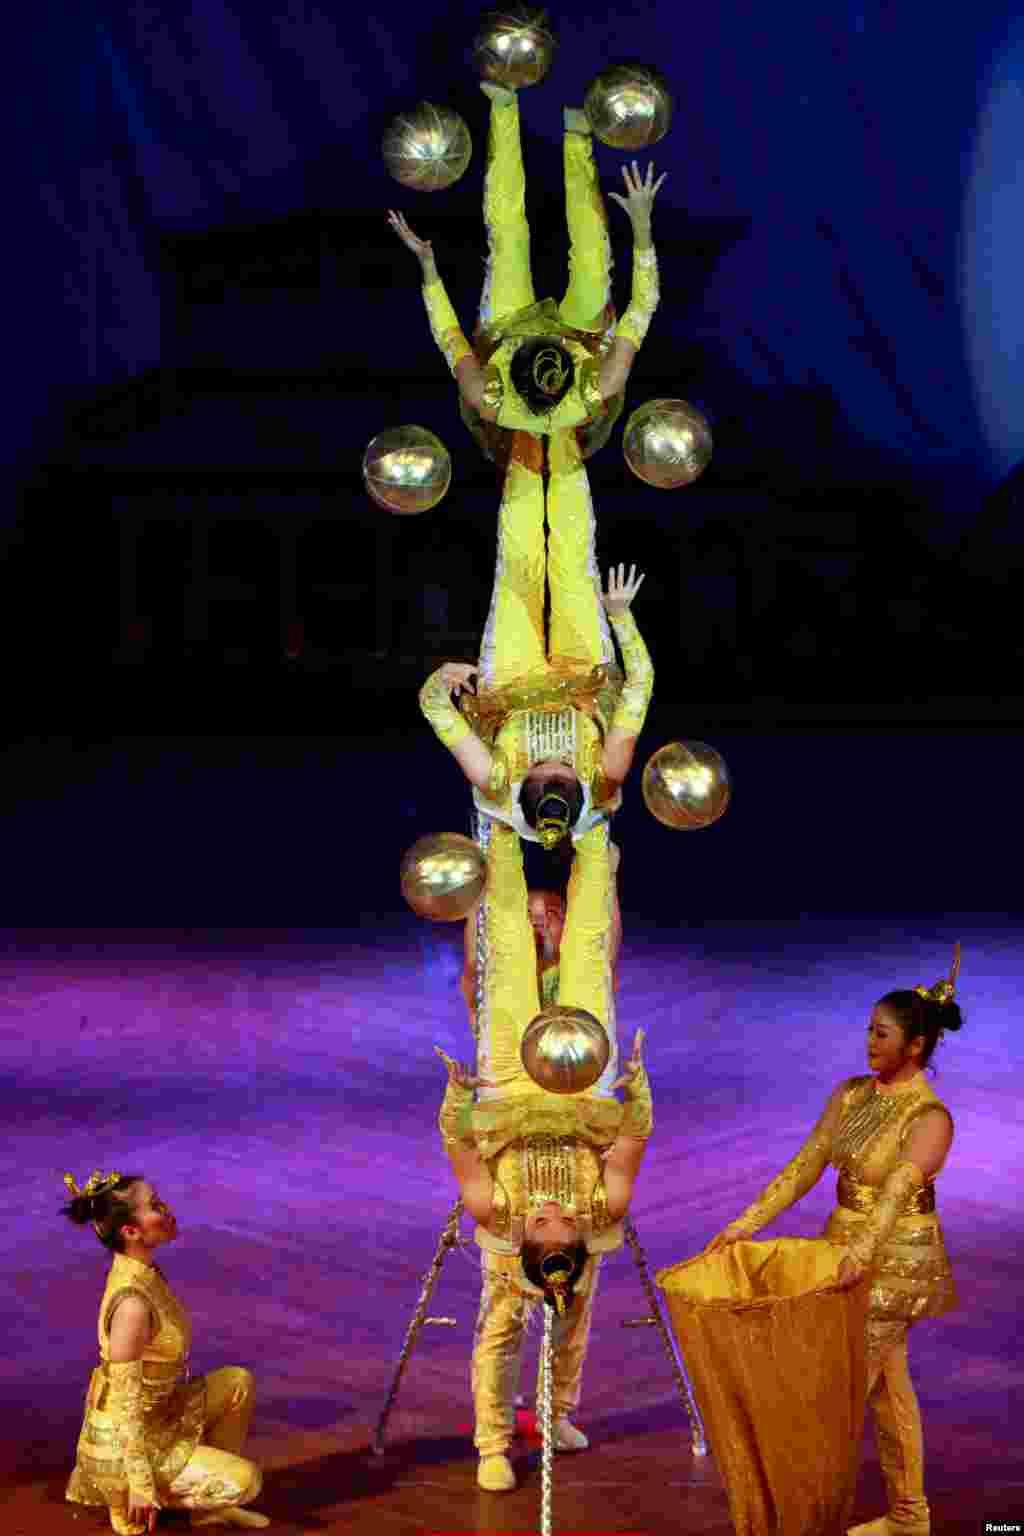 Kelompok sirkus China menunjukkan aksi mereka pada pertunjukan diRangoon, Myanmar.